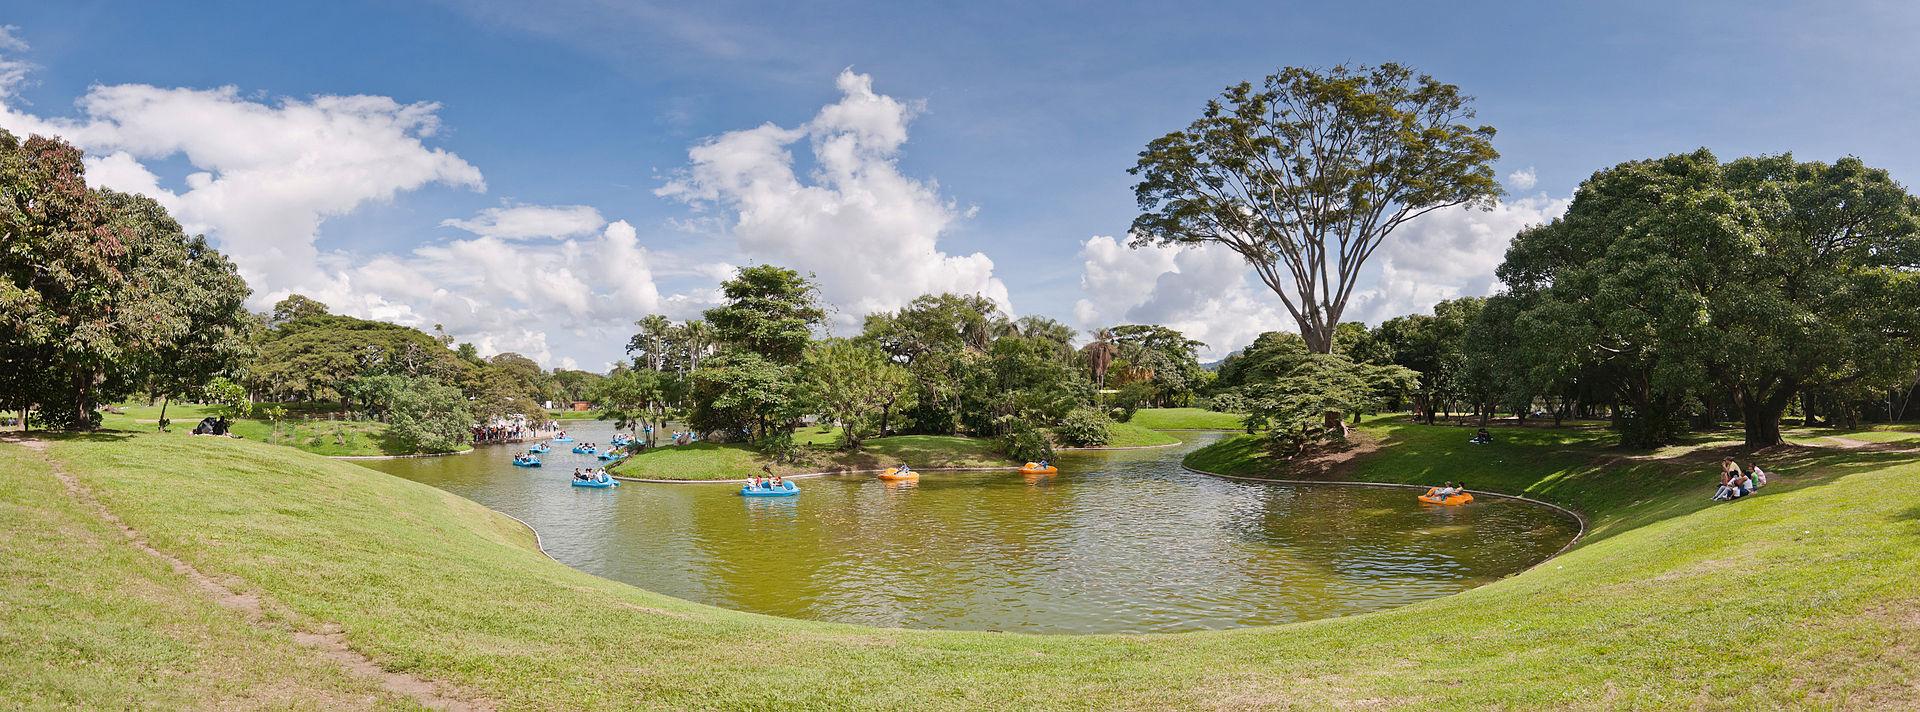 Resultado de imagen para parque del este caracas 2013